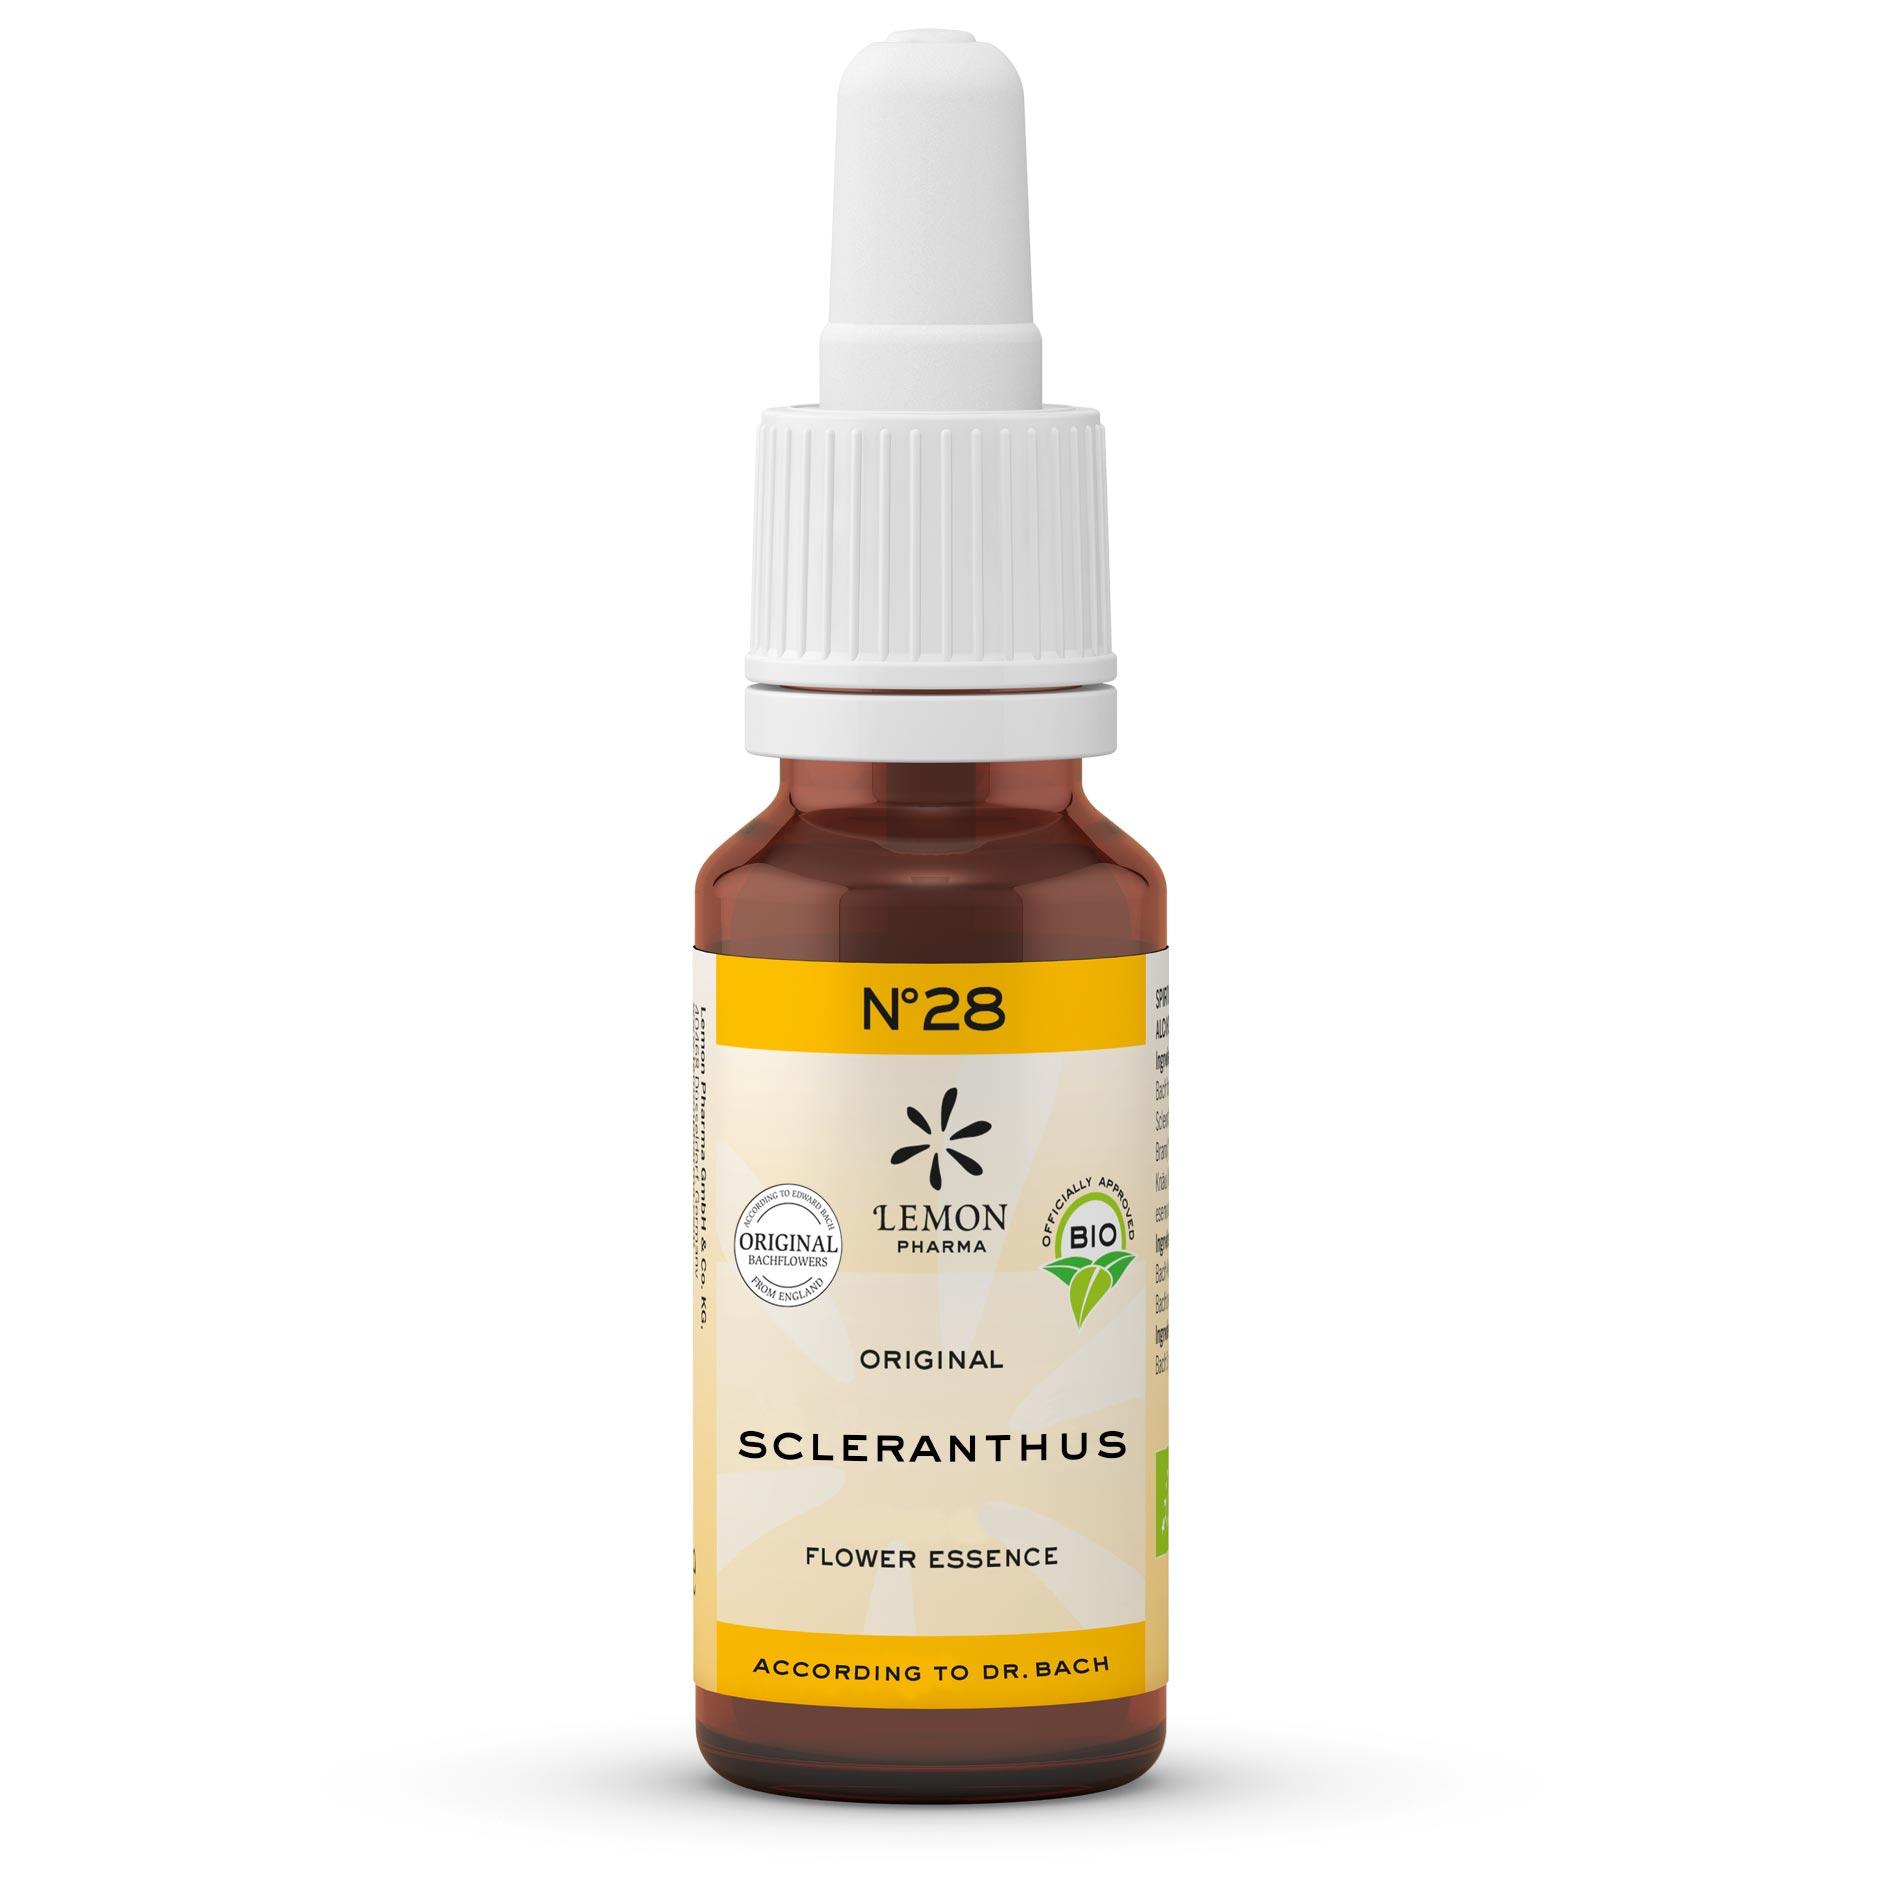 Lemon Pharma Gouttes Fleurs de Bach Original n°28 Sclerantur Scléranthe Équilibre intérieur